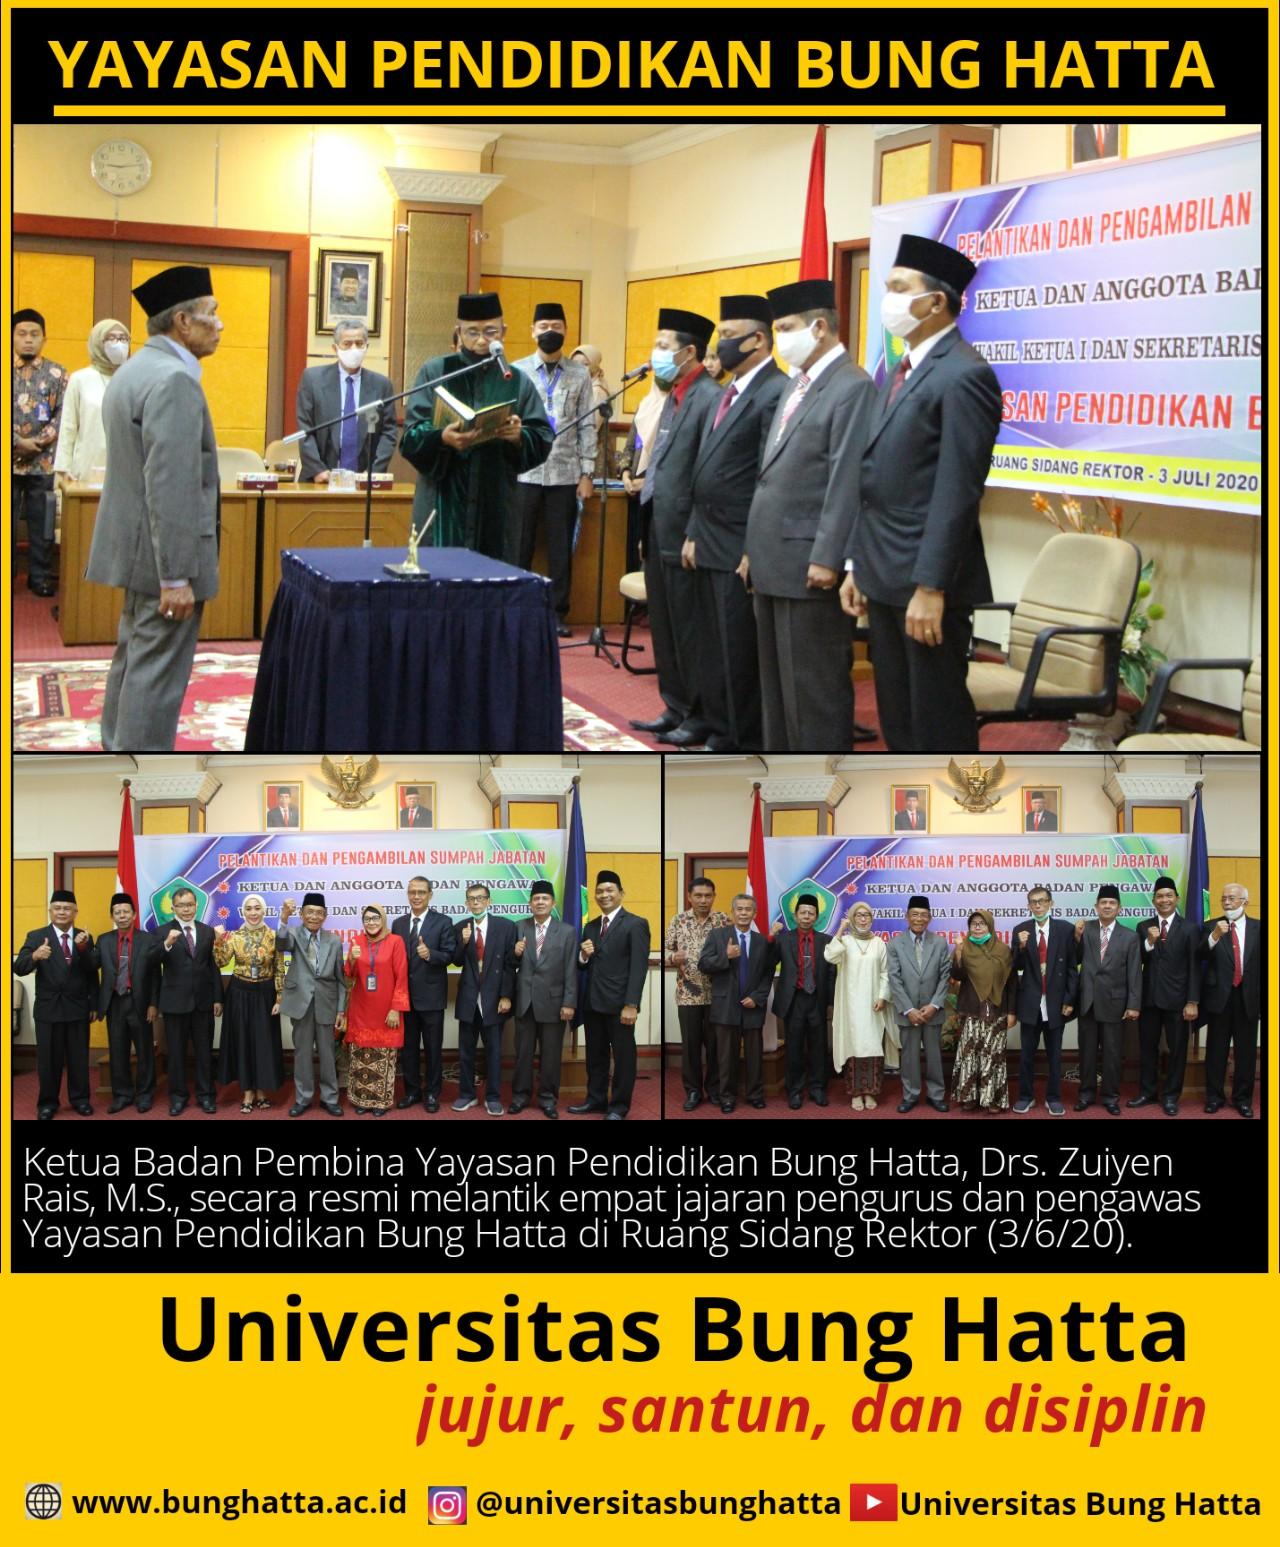 Ketua Badan Pembina Lantik Empat Jajaran Yayasan Pendidikan Bung Hatta